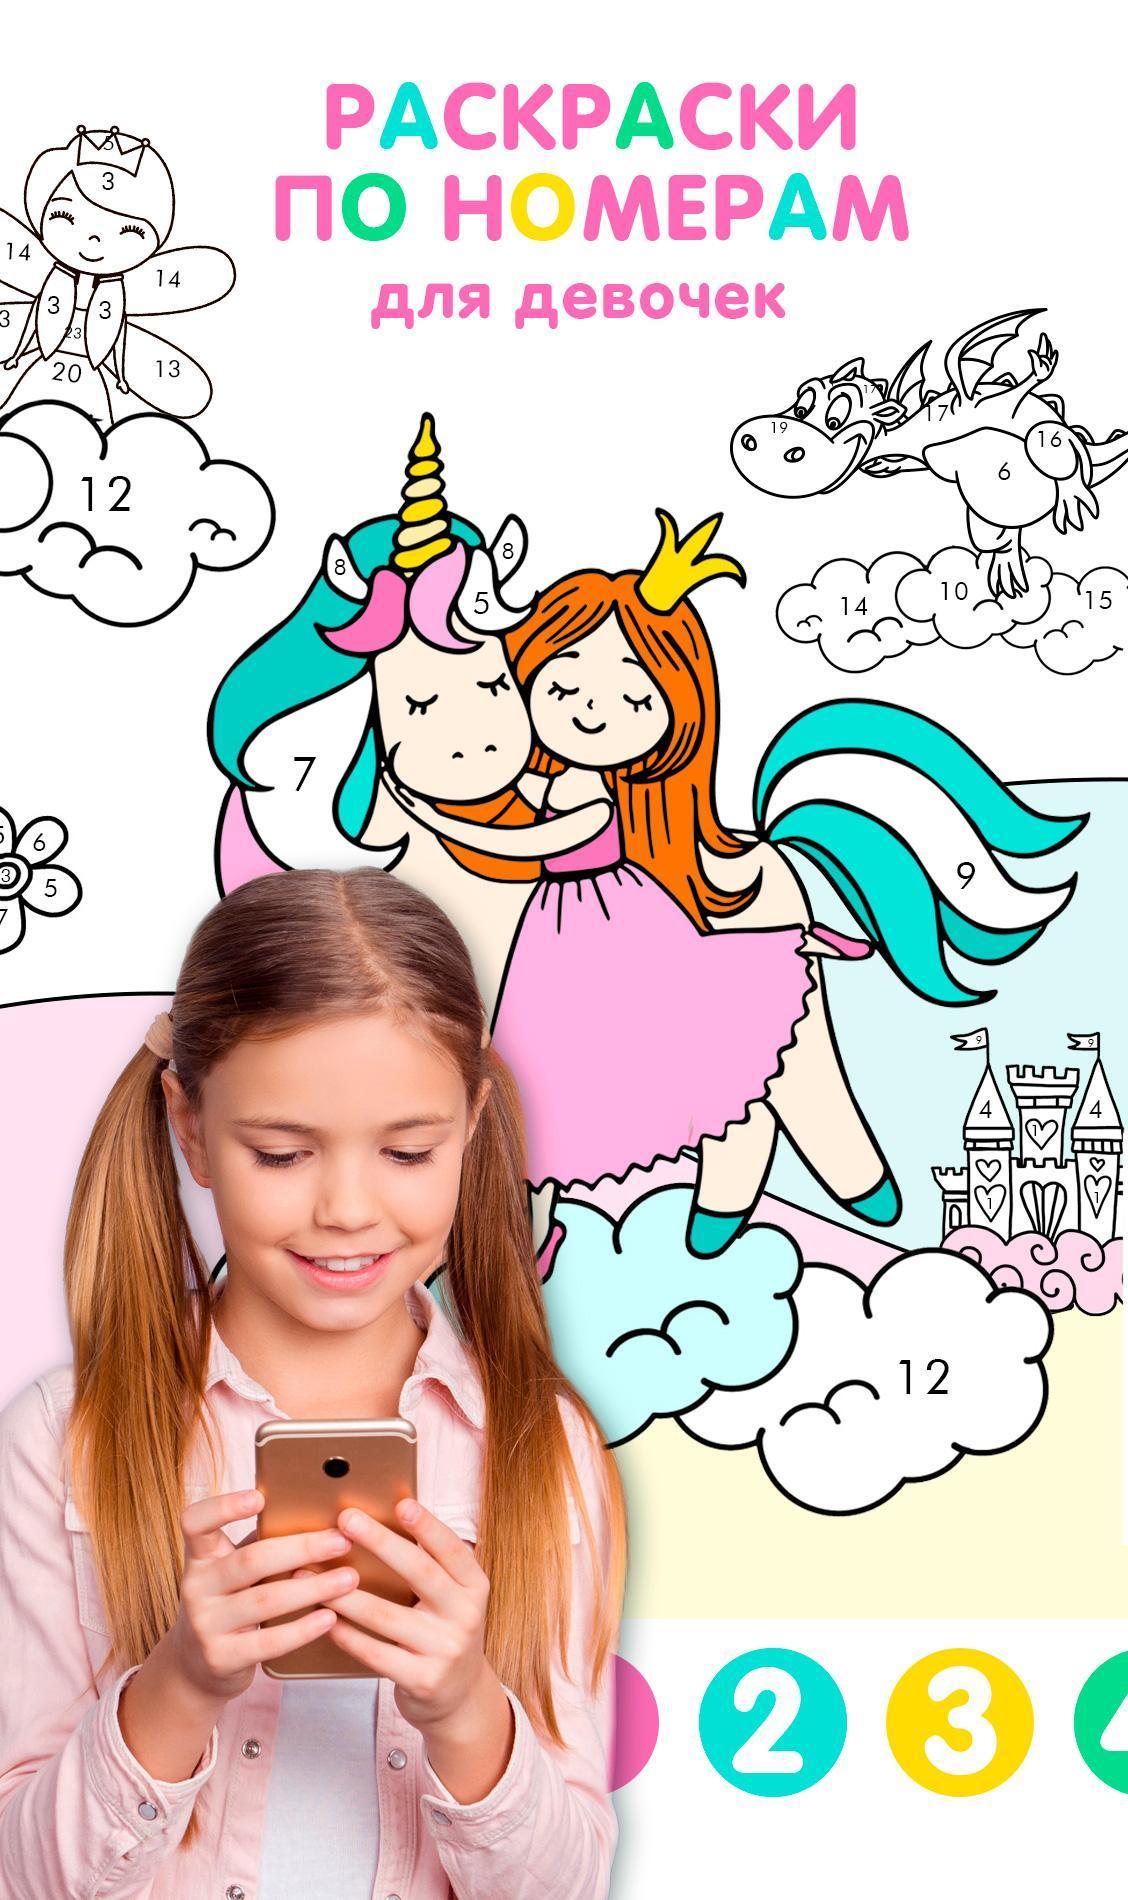 Раскраски по номерам для девочек для Андроид - скачать APK